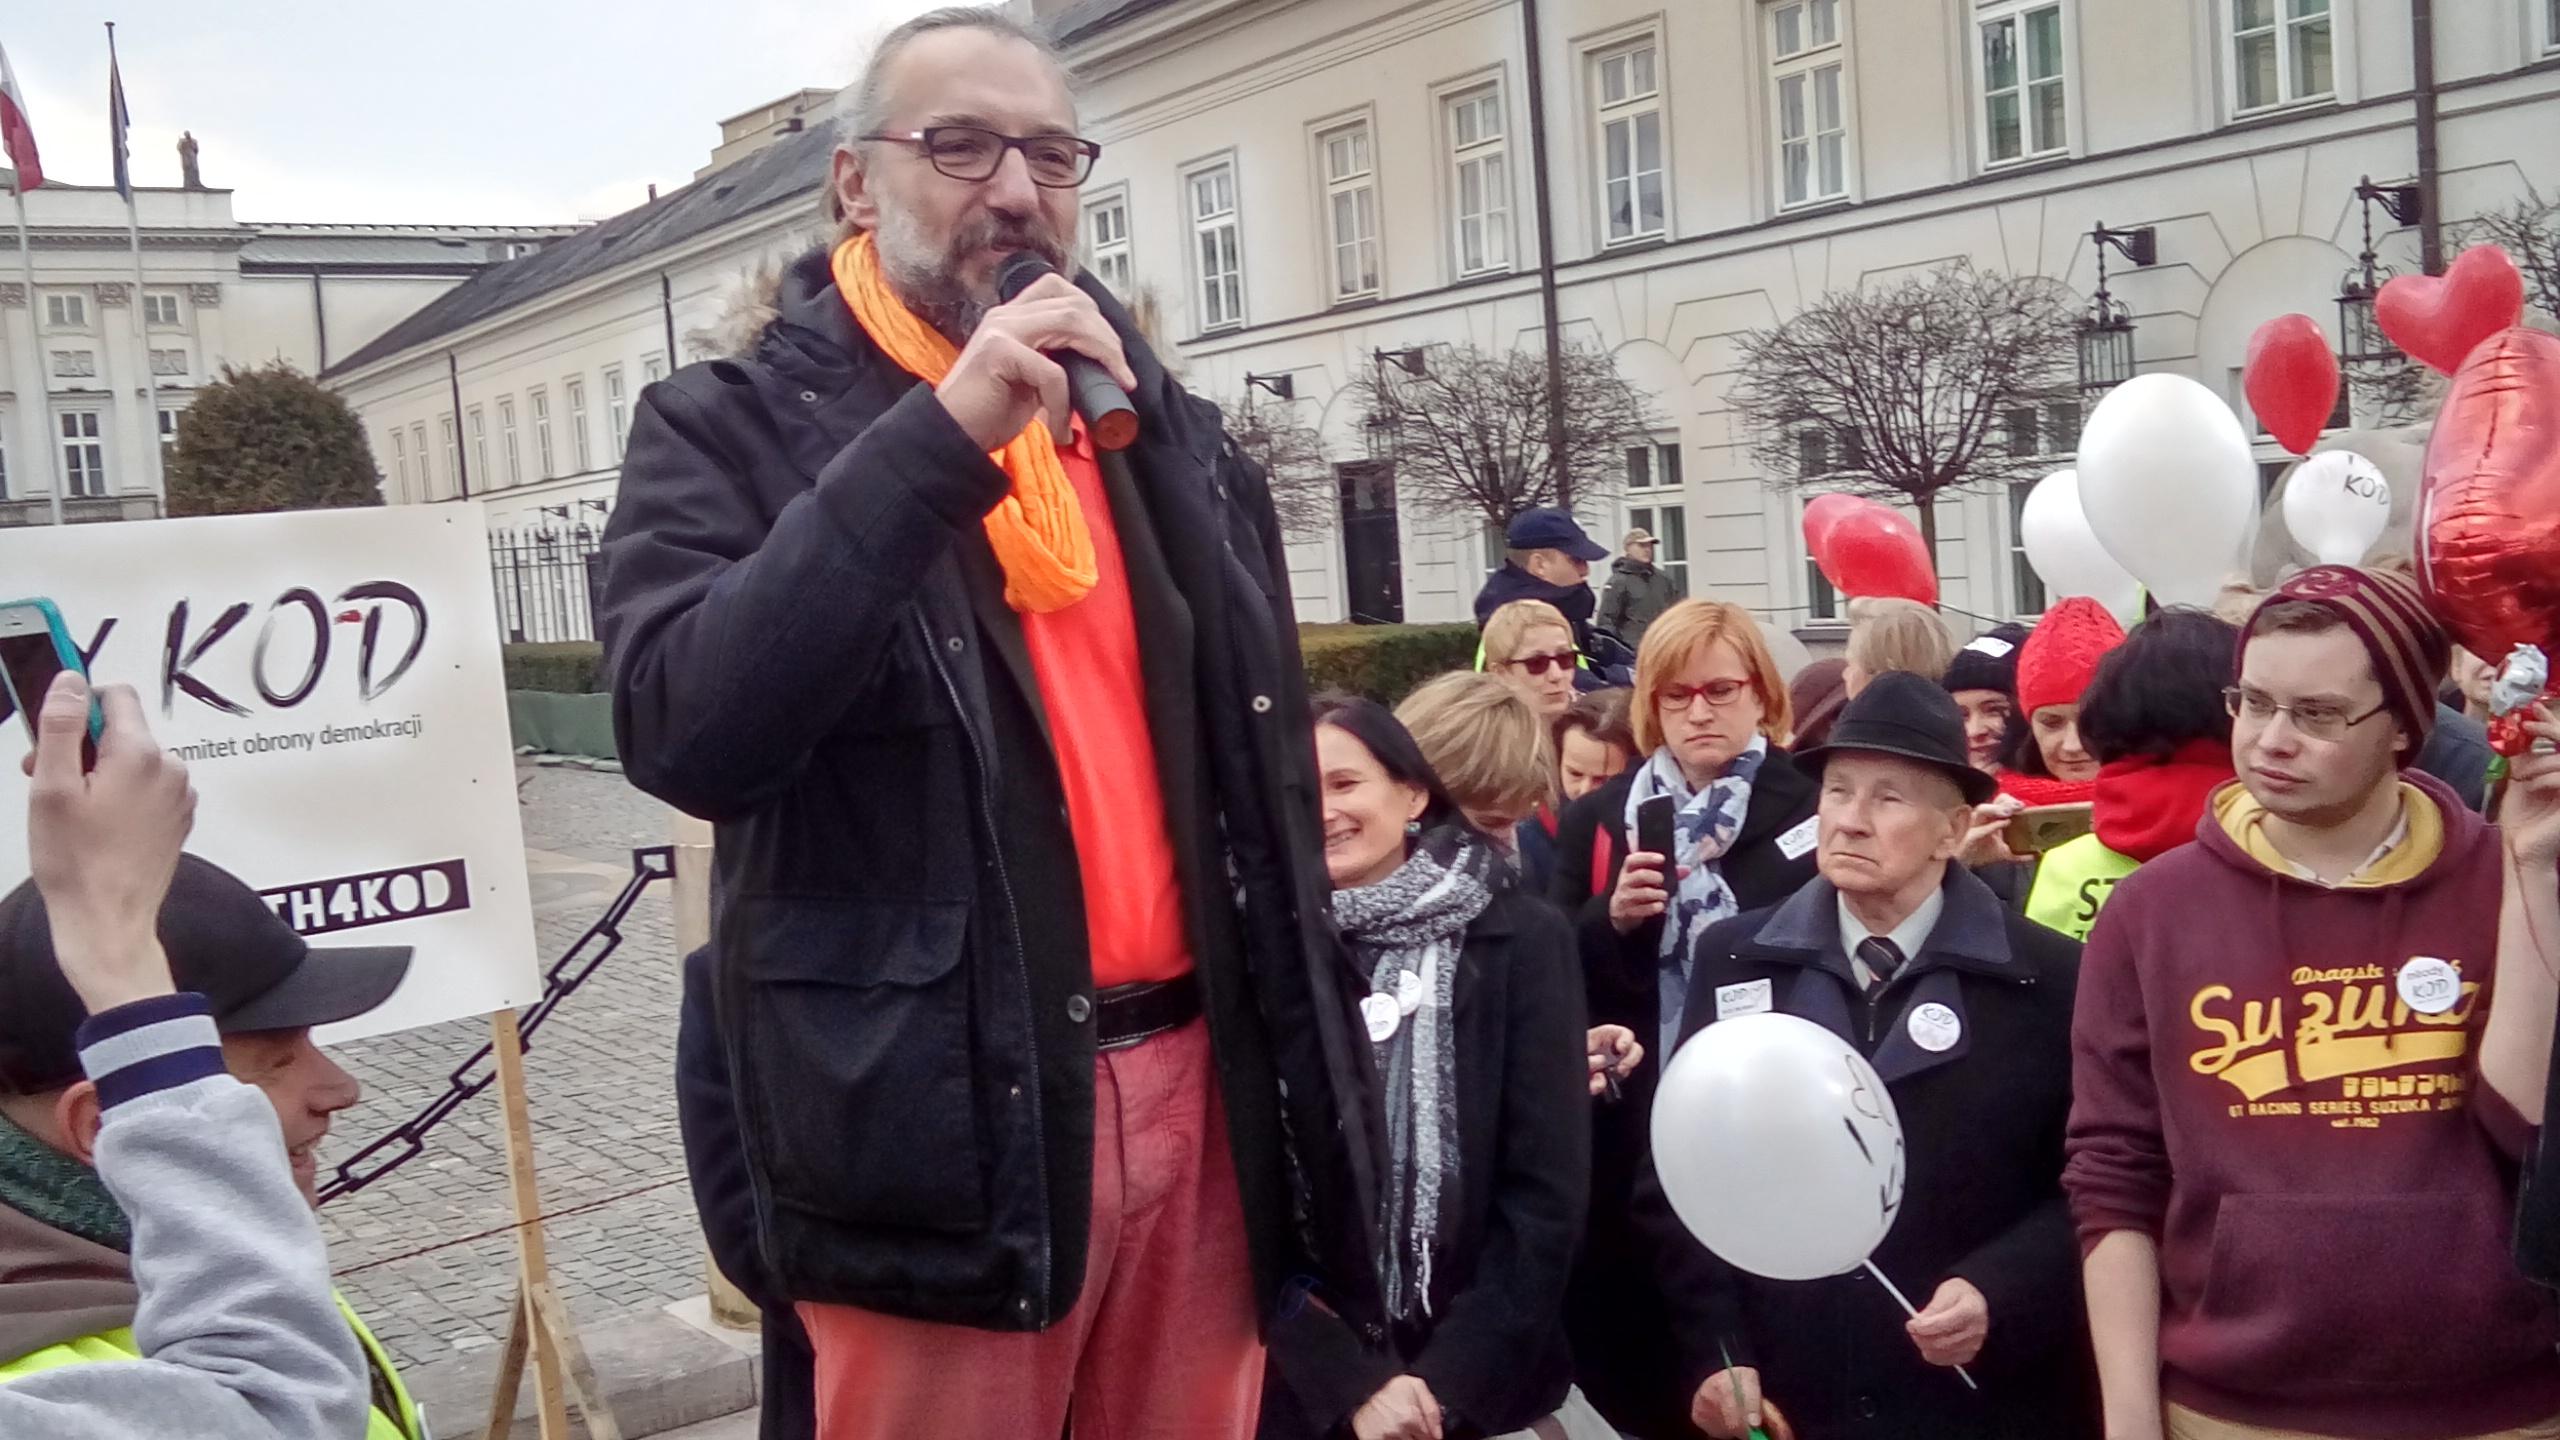 Polen: Bündnis der Opposition gegen die Regierung